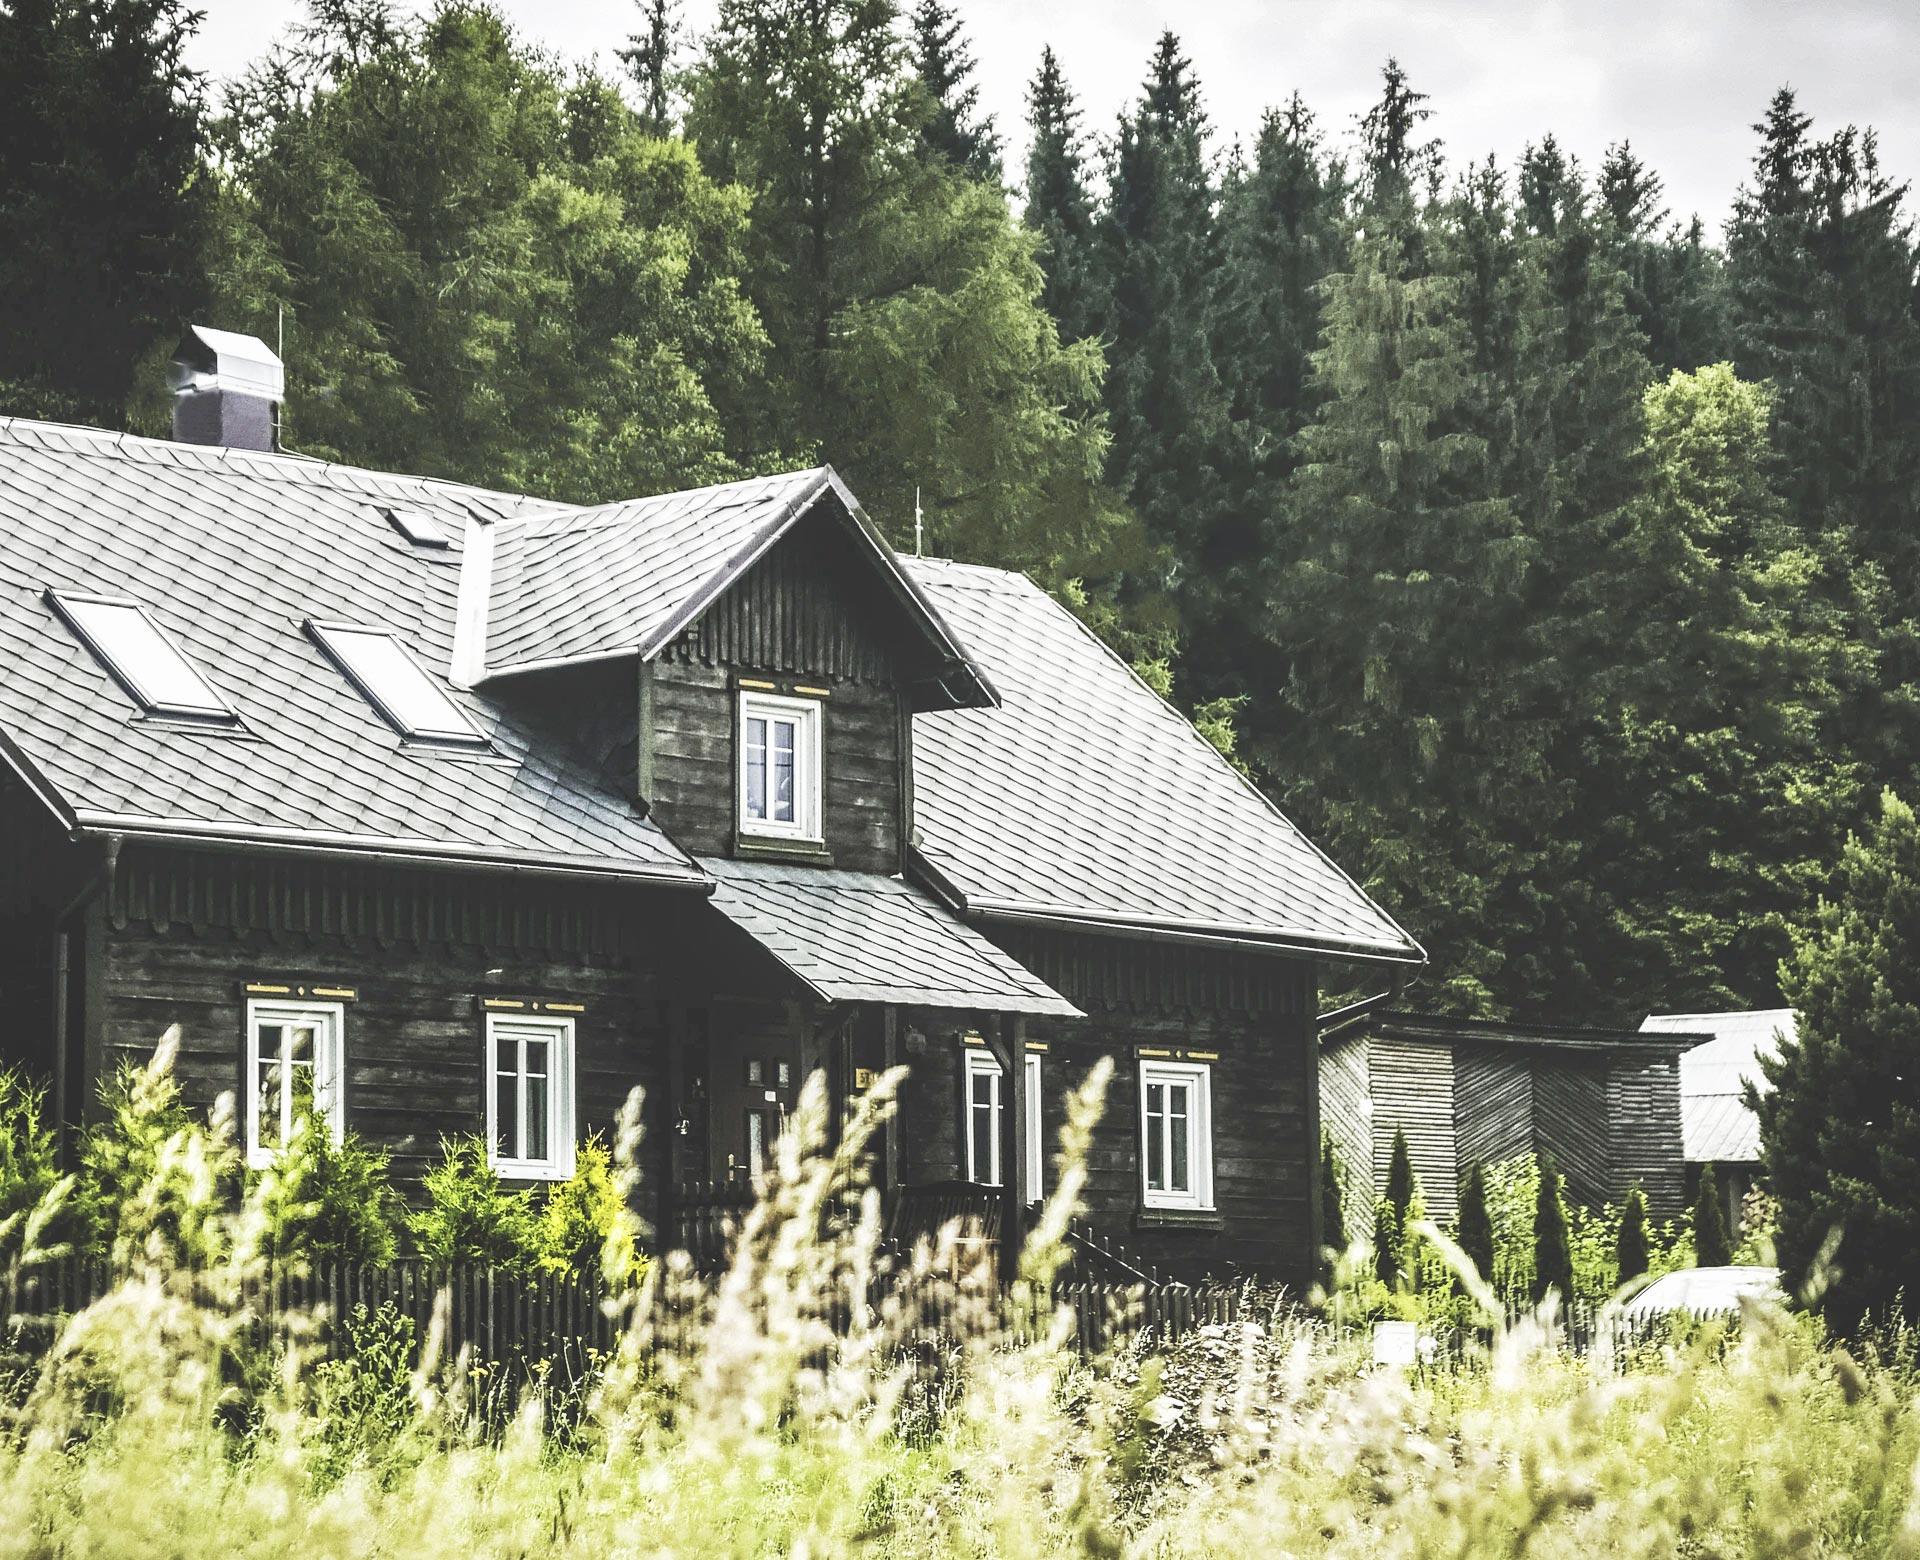 Загородный дом (дача <nobr>и т. п.</nobr> или Загородная недвижимость)